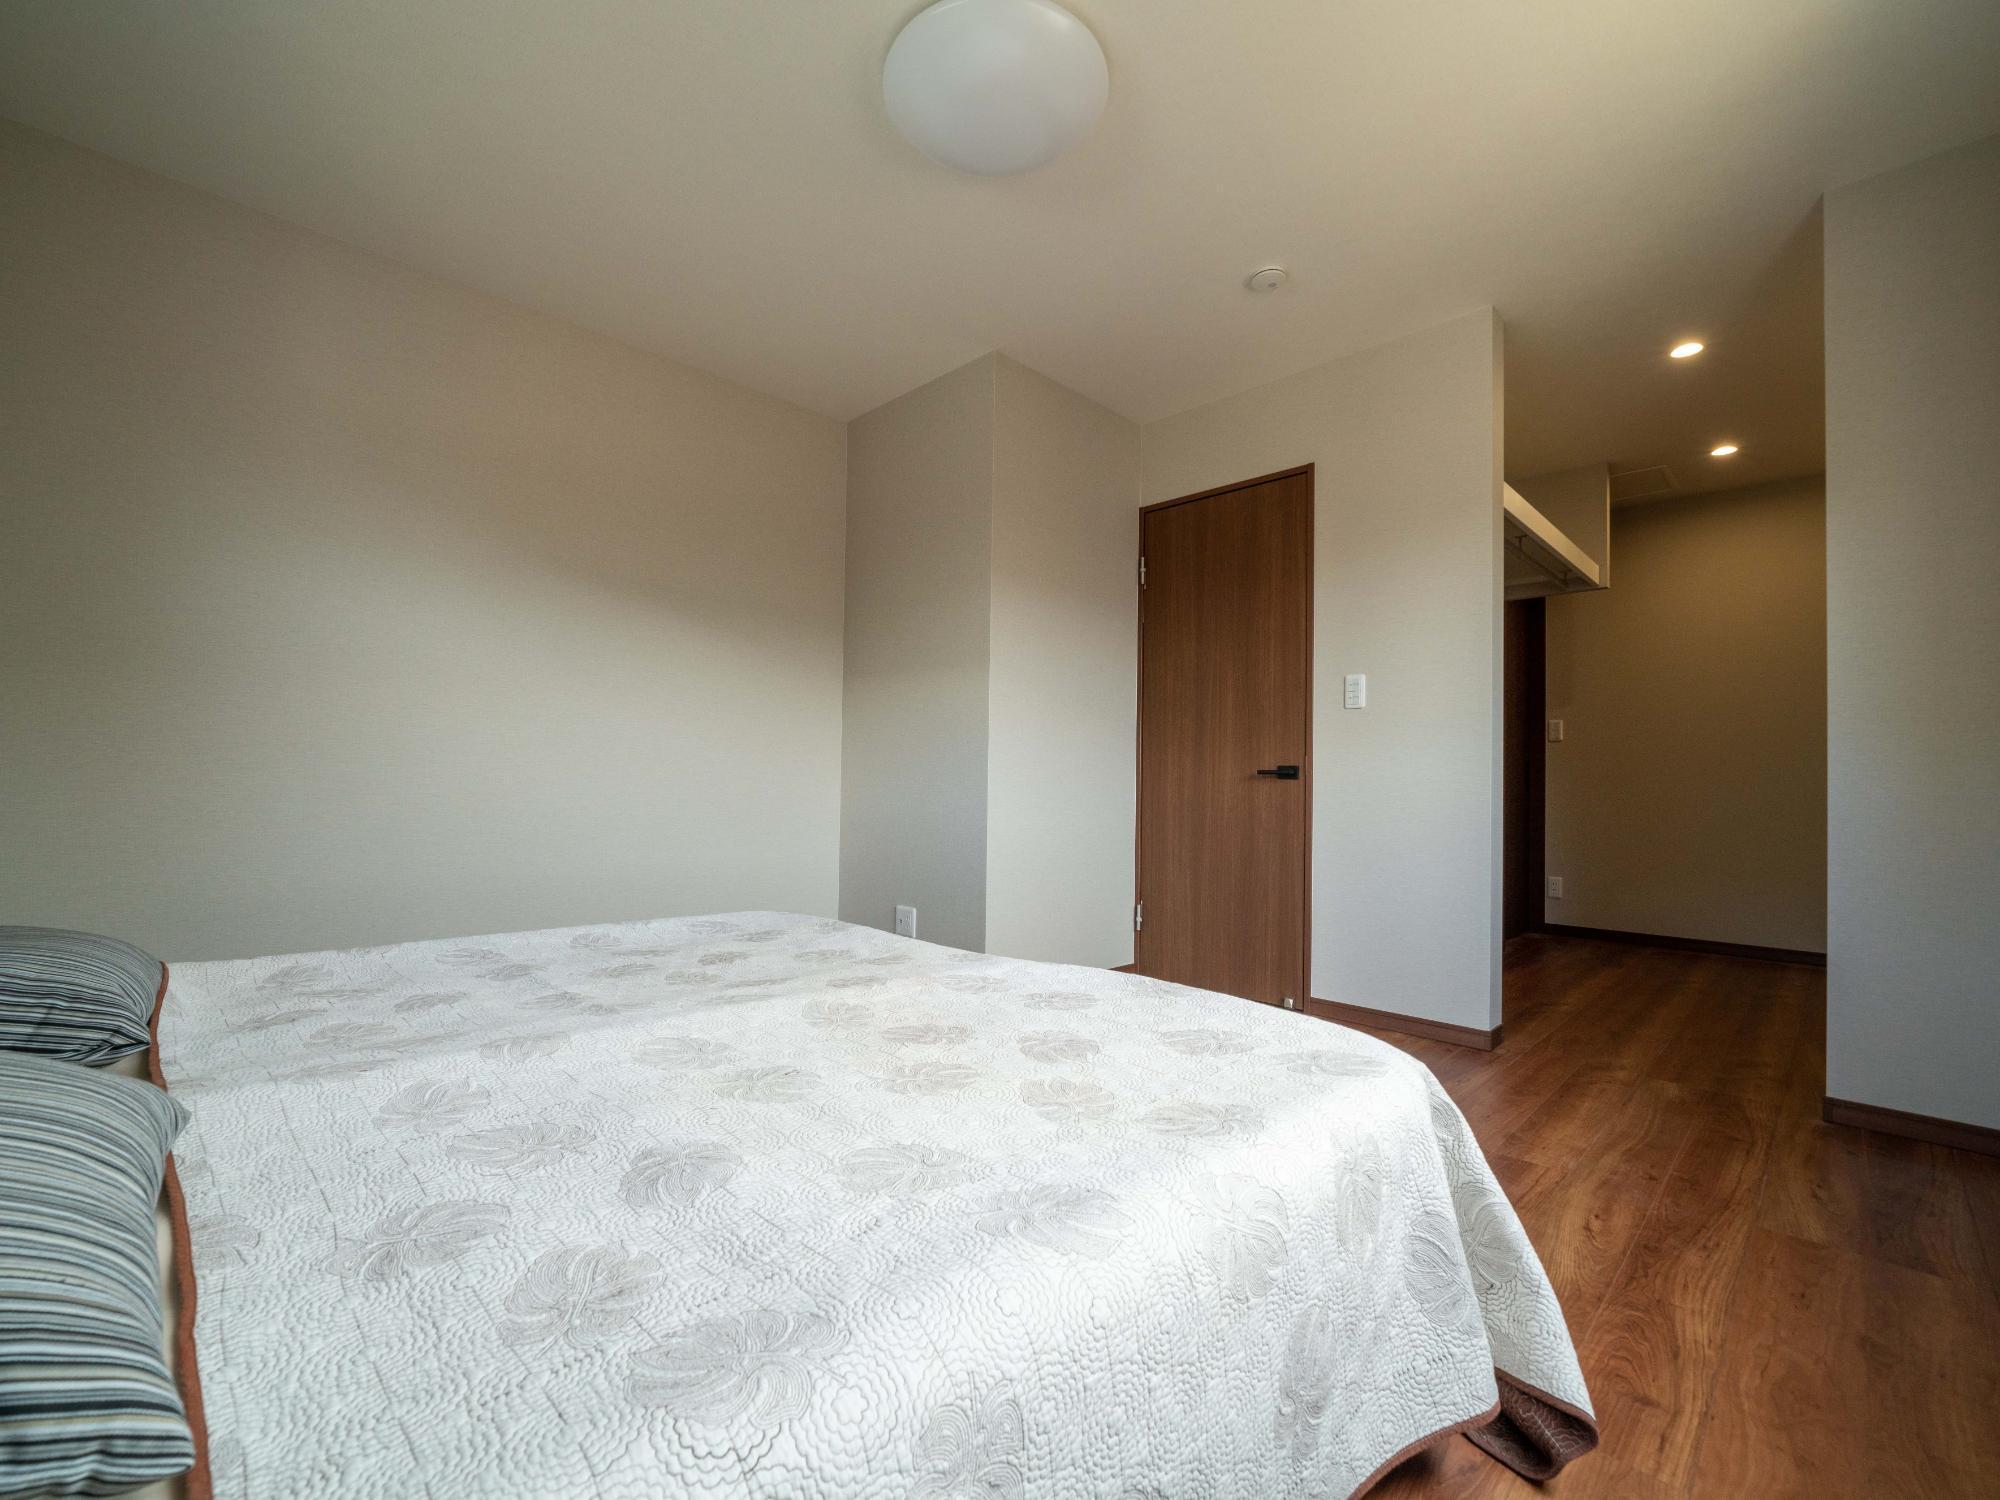 株式会社ハウジングシステム・トーア「未来の生活を考慮した楽しみを造り込む家」のシンプル・ナチュラル・モダンな居室の実例写真